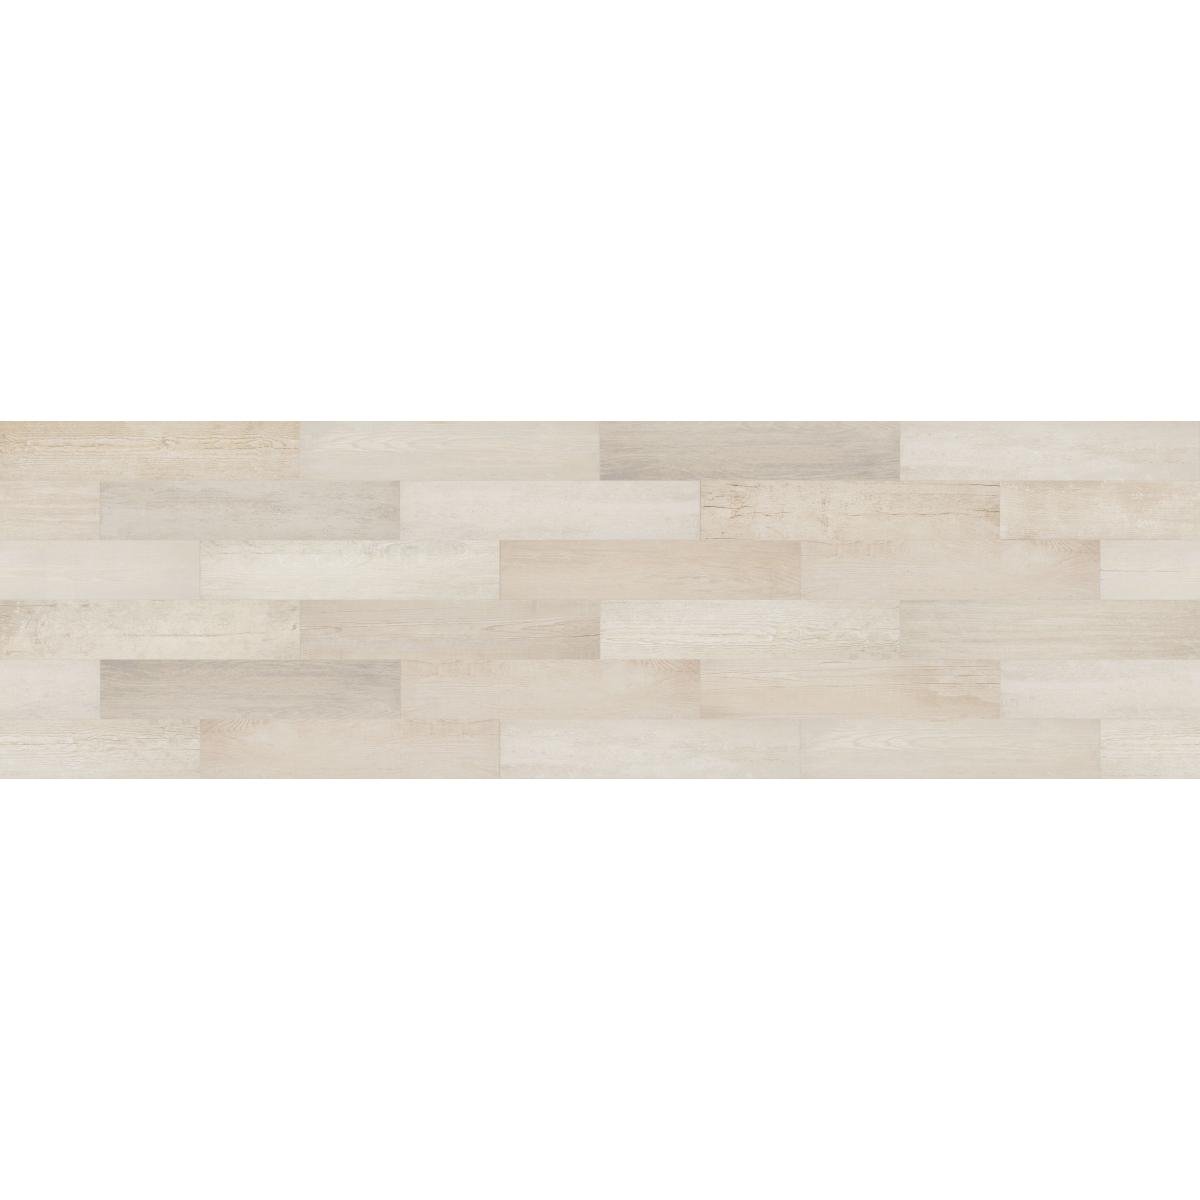 Base serie Stela White 19,41x97,8 (caja 1,14m2)